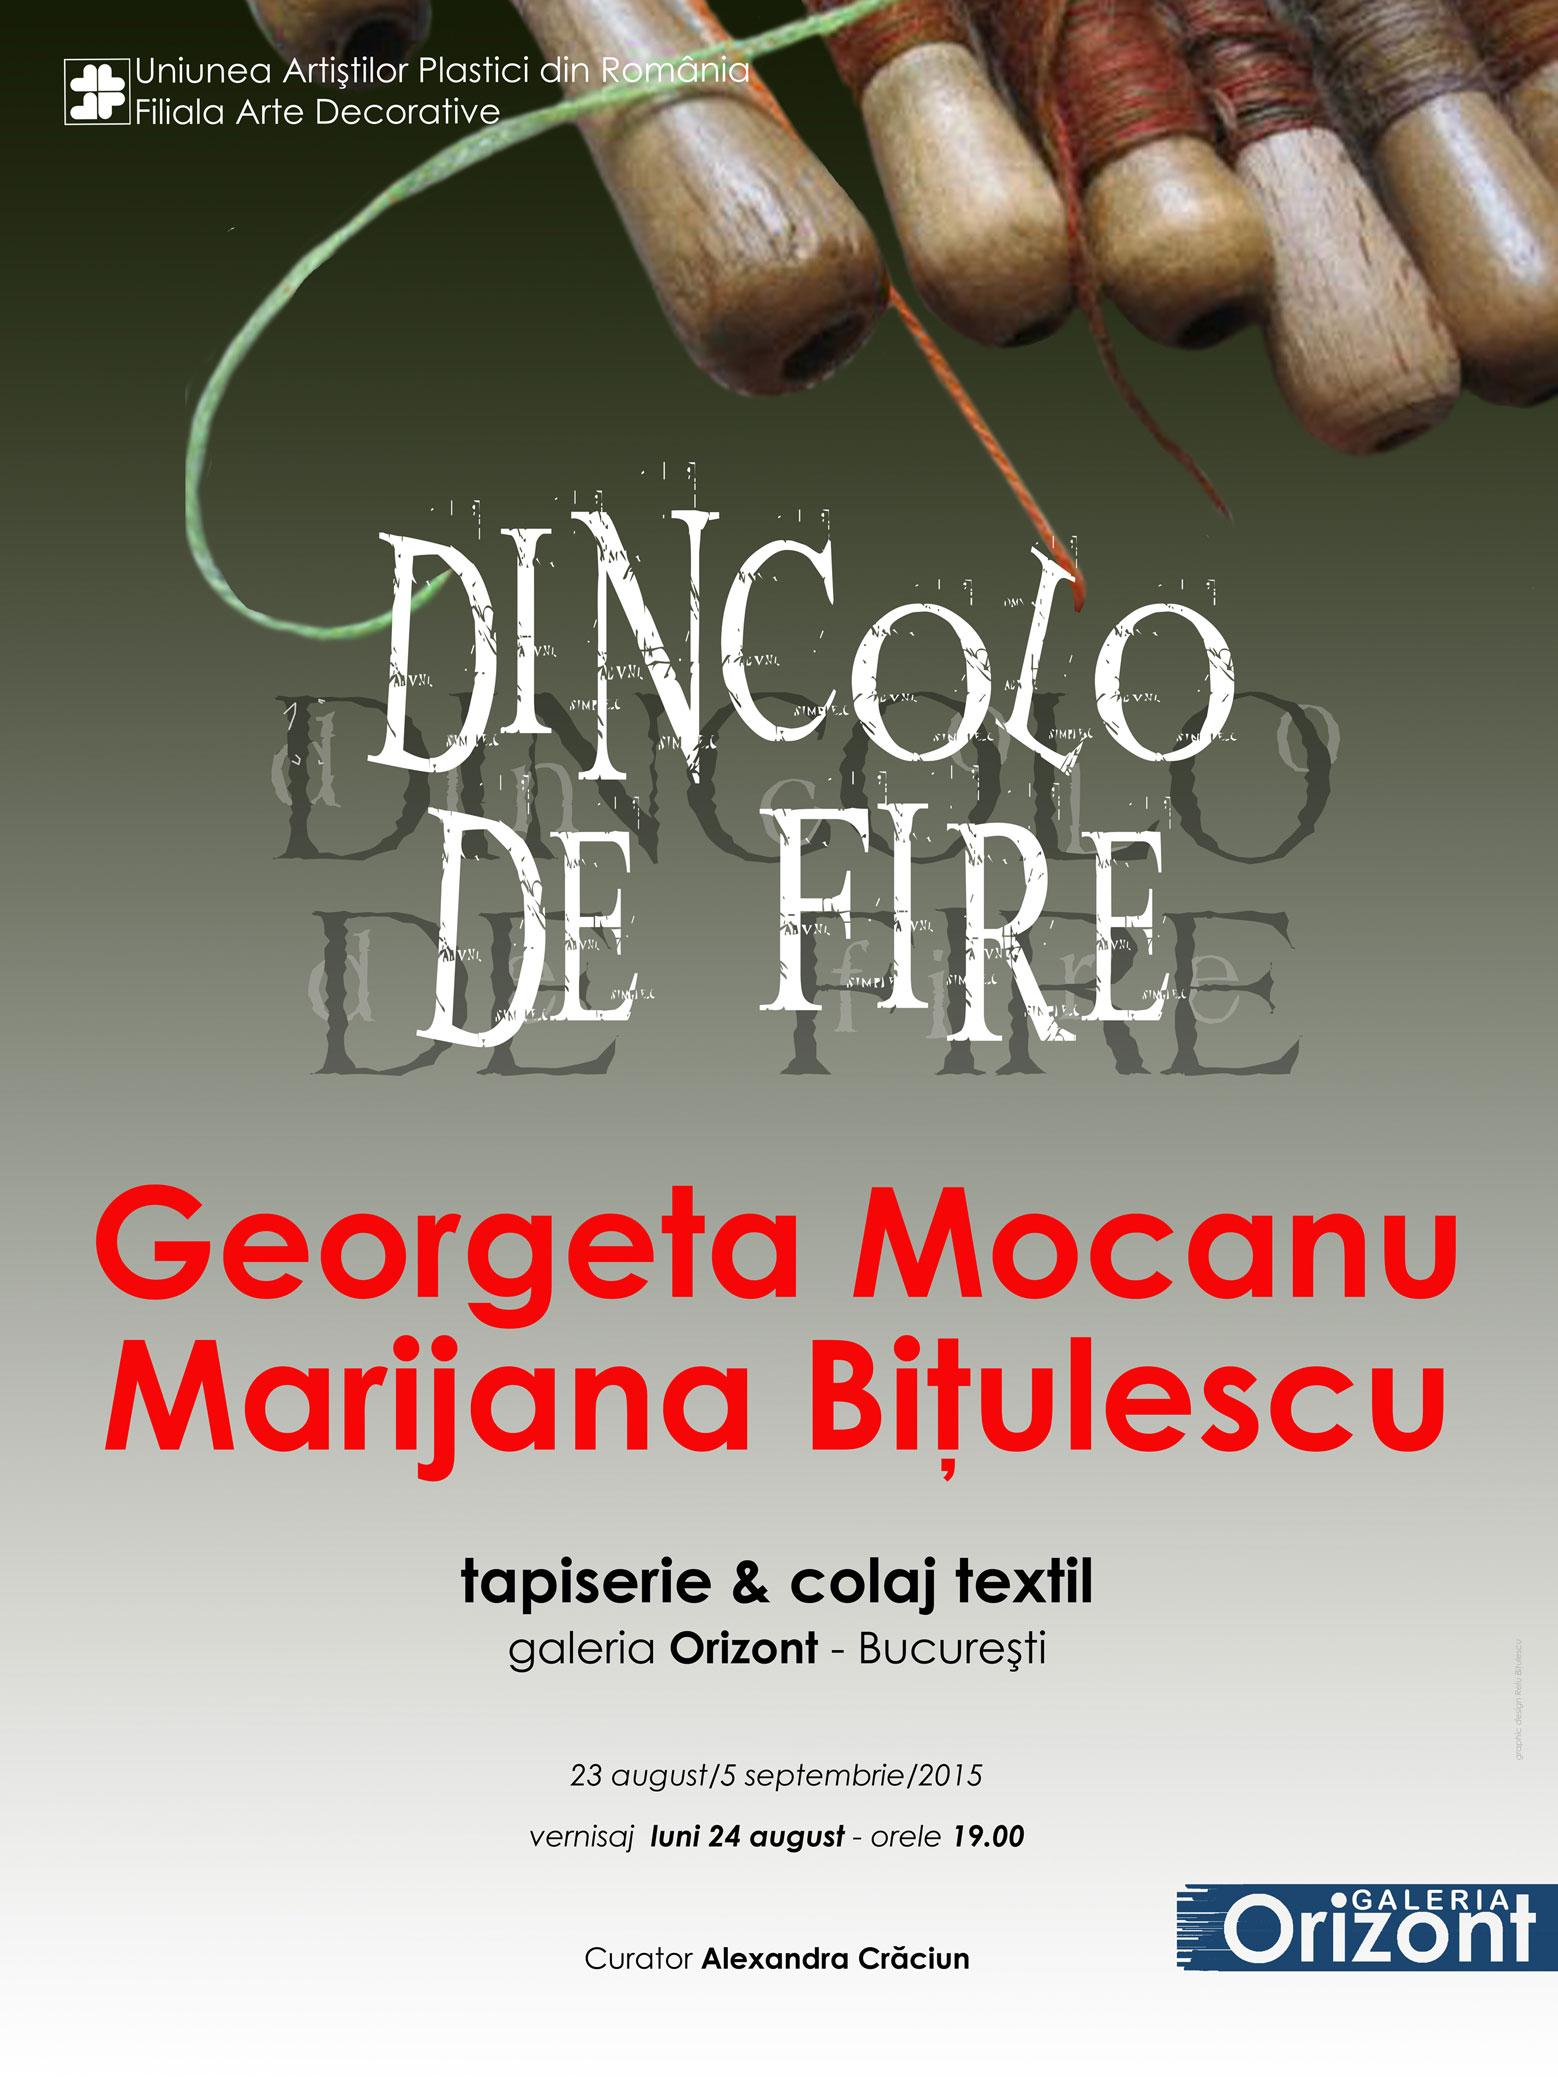 Georgeta Mocanu & Marijana Bițulescu